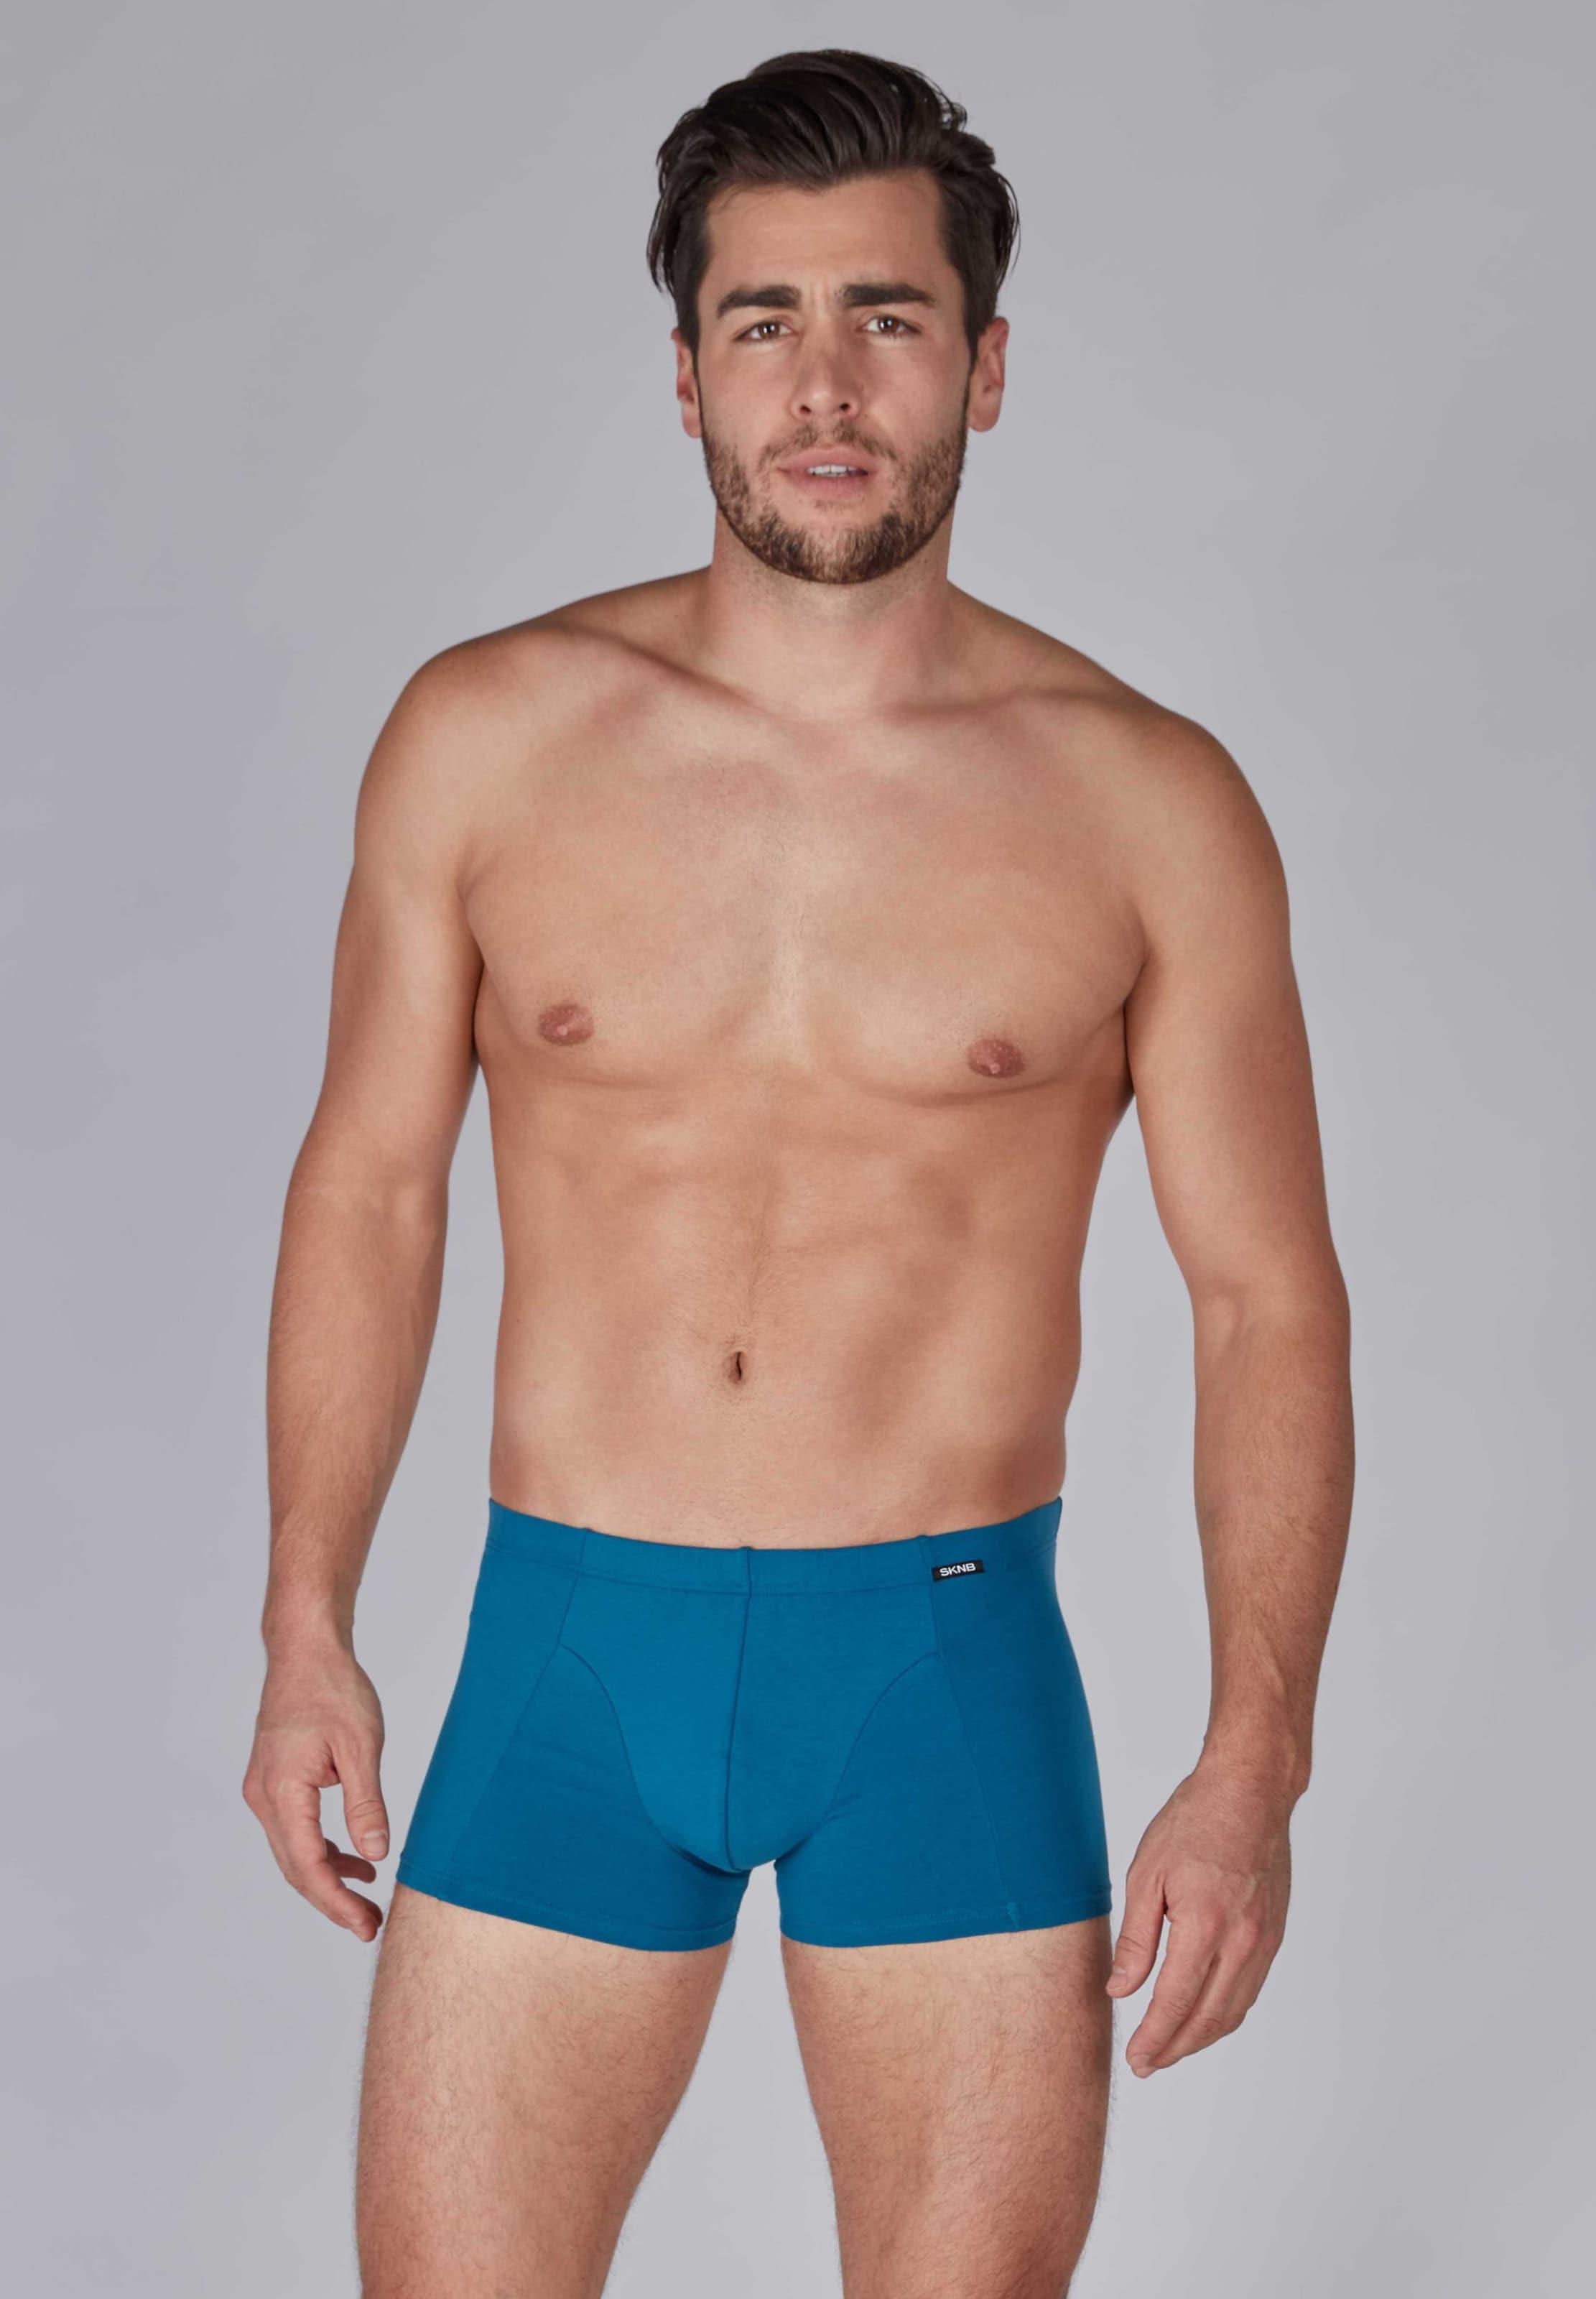 Himmelblau Skiny Skiny In Pants Pants In N0nwOyvm8